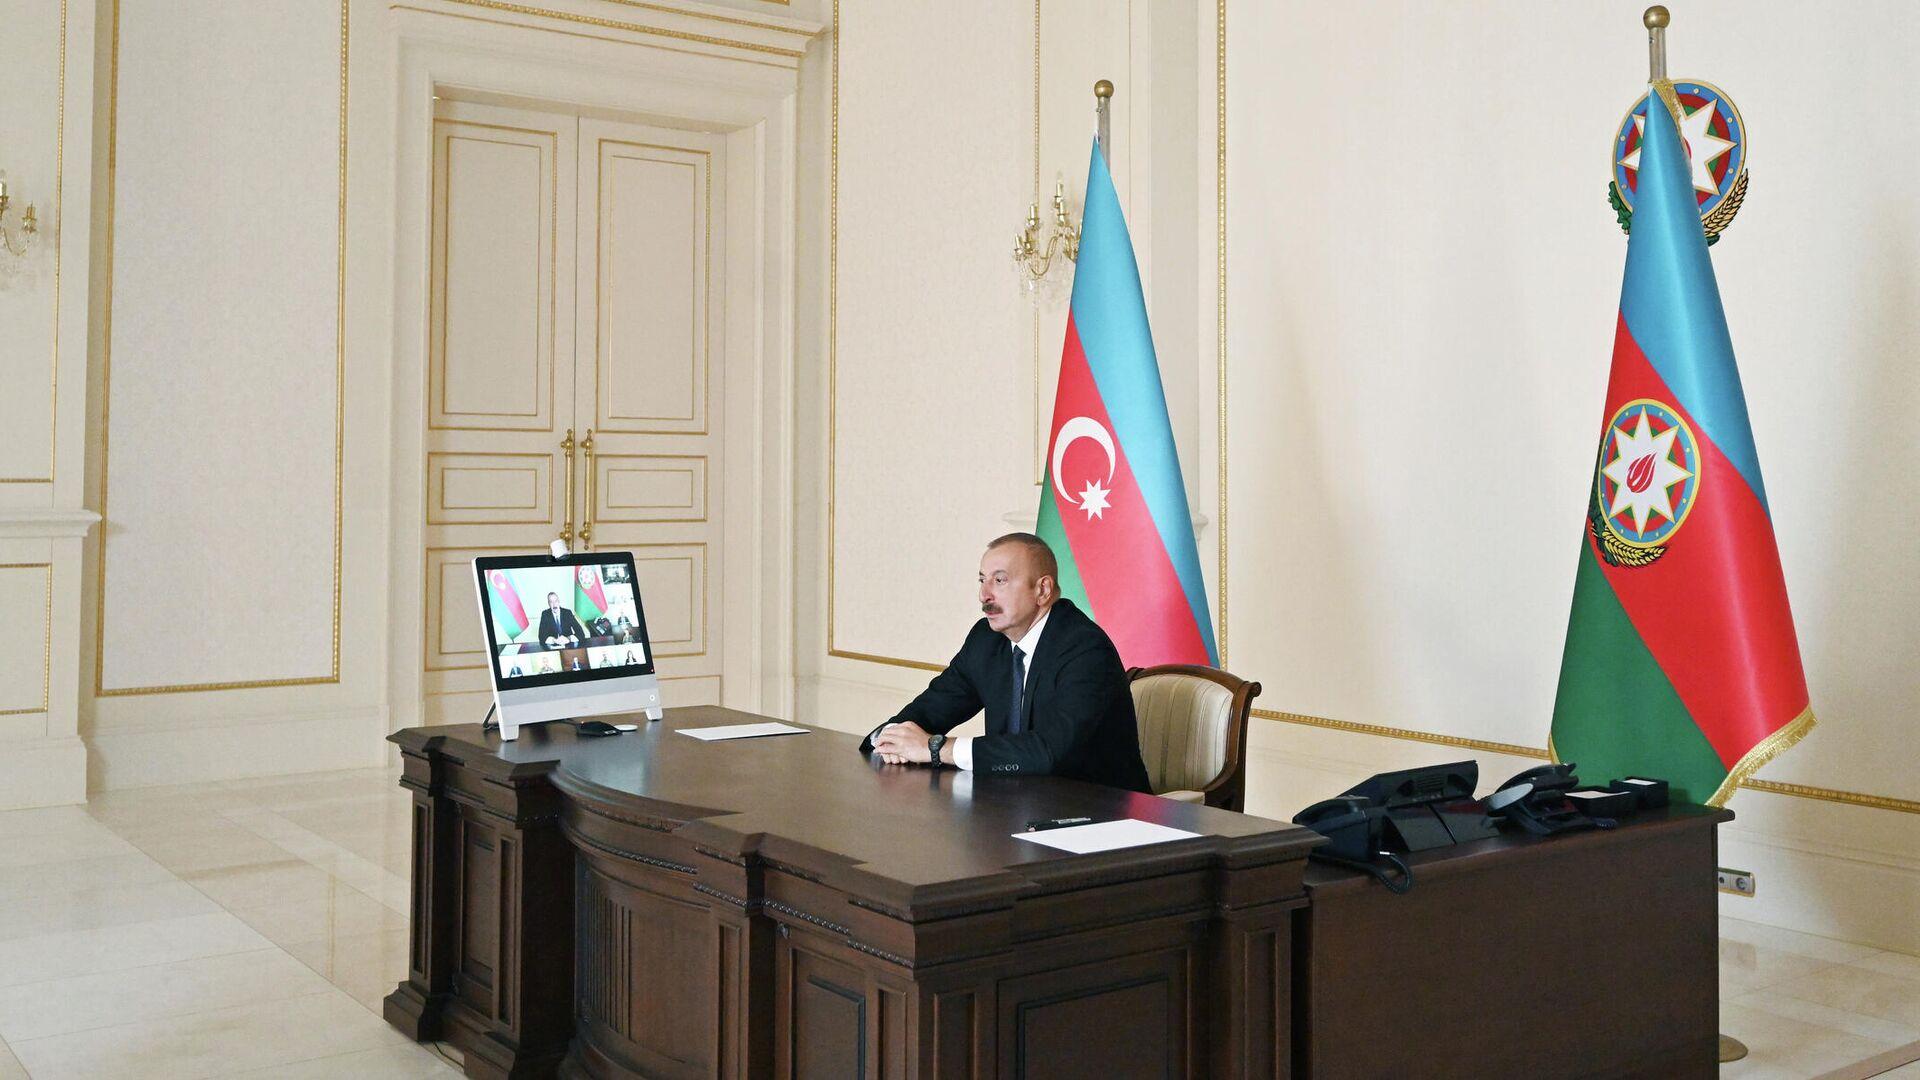 Заседание Совета безопасности Азербайджана 27 сентября 2020 - РИА Новости, 1920, 03.10.2020